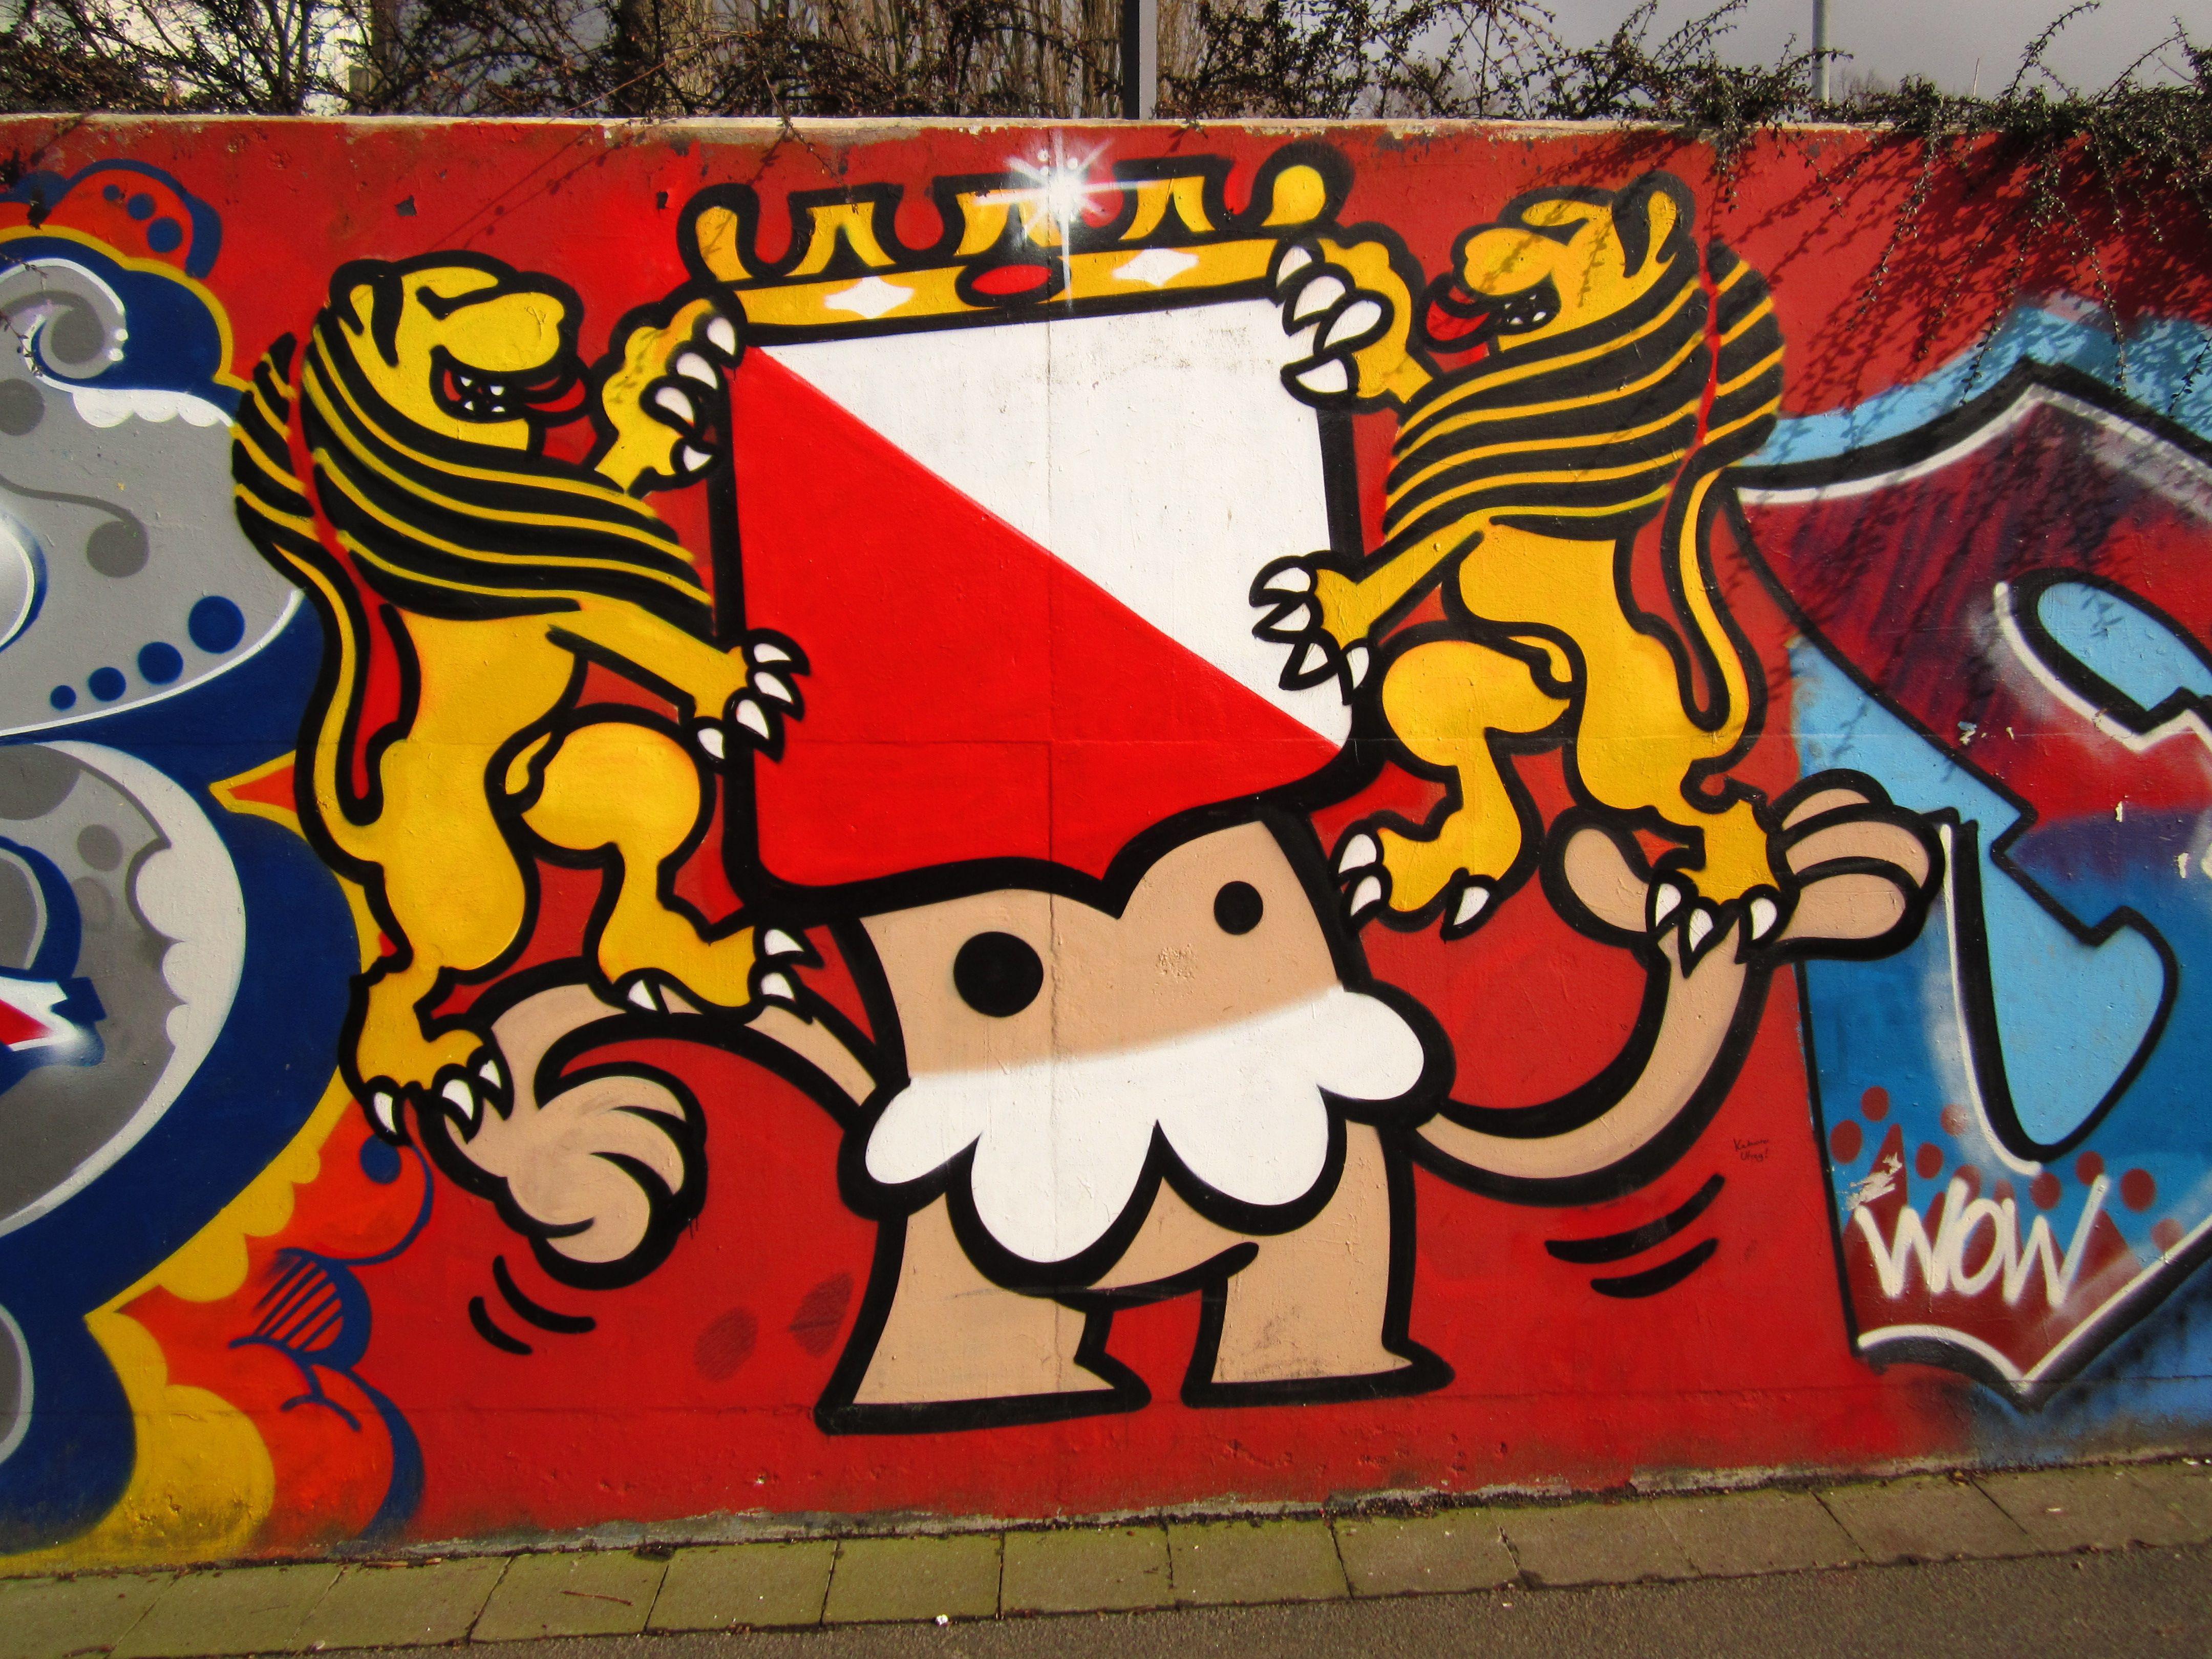 Graffiti wall utrecht - Kbtr Utrecht Hat Coat Of Arms De Utrechtse Kabouter